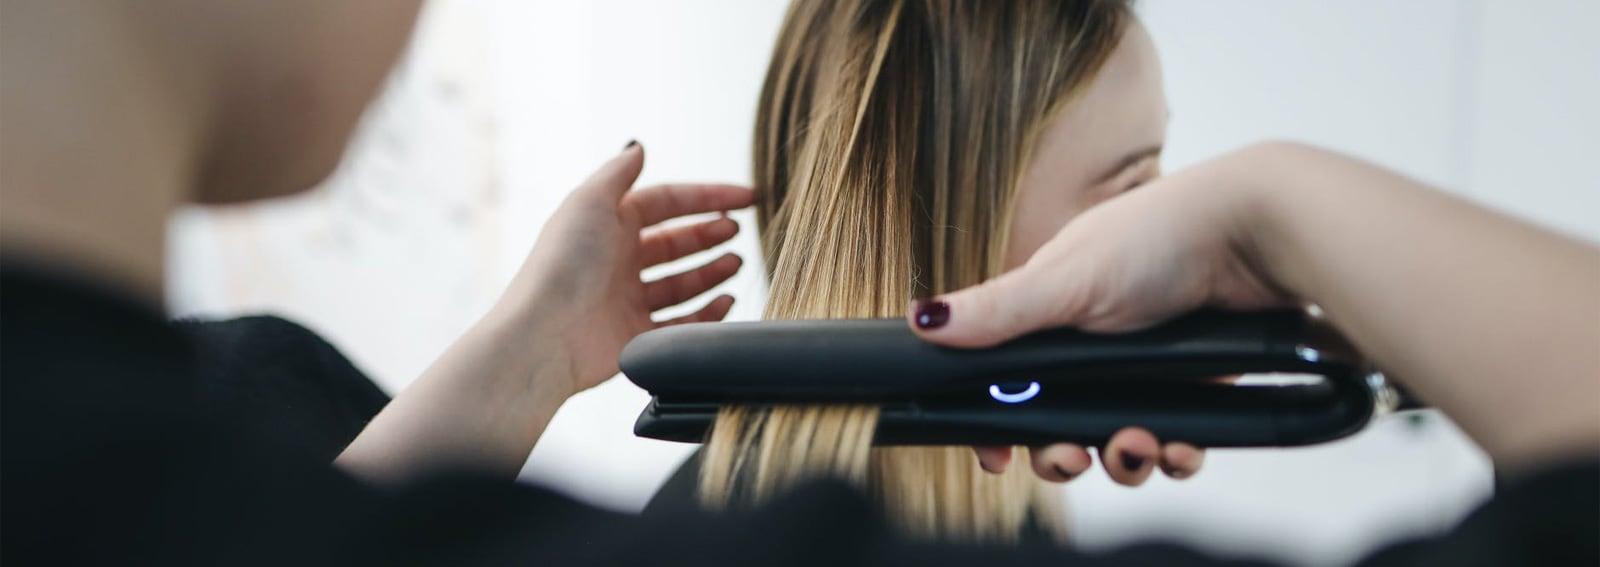 Le-migliori-piastre-per-capelli-lisci-e-sani-cover-desktop-01